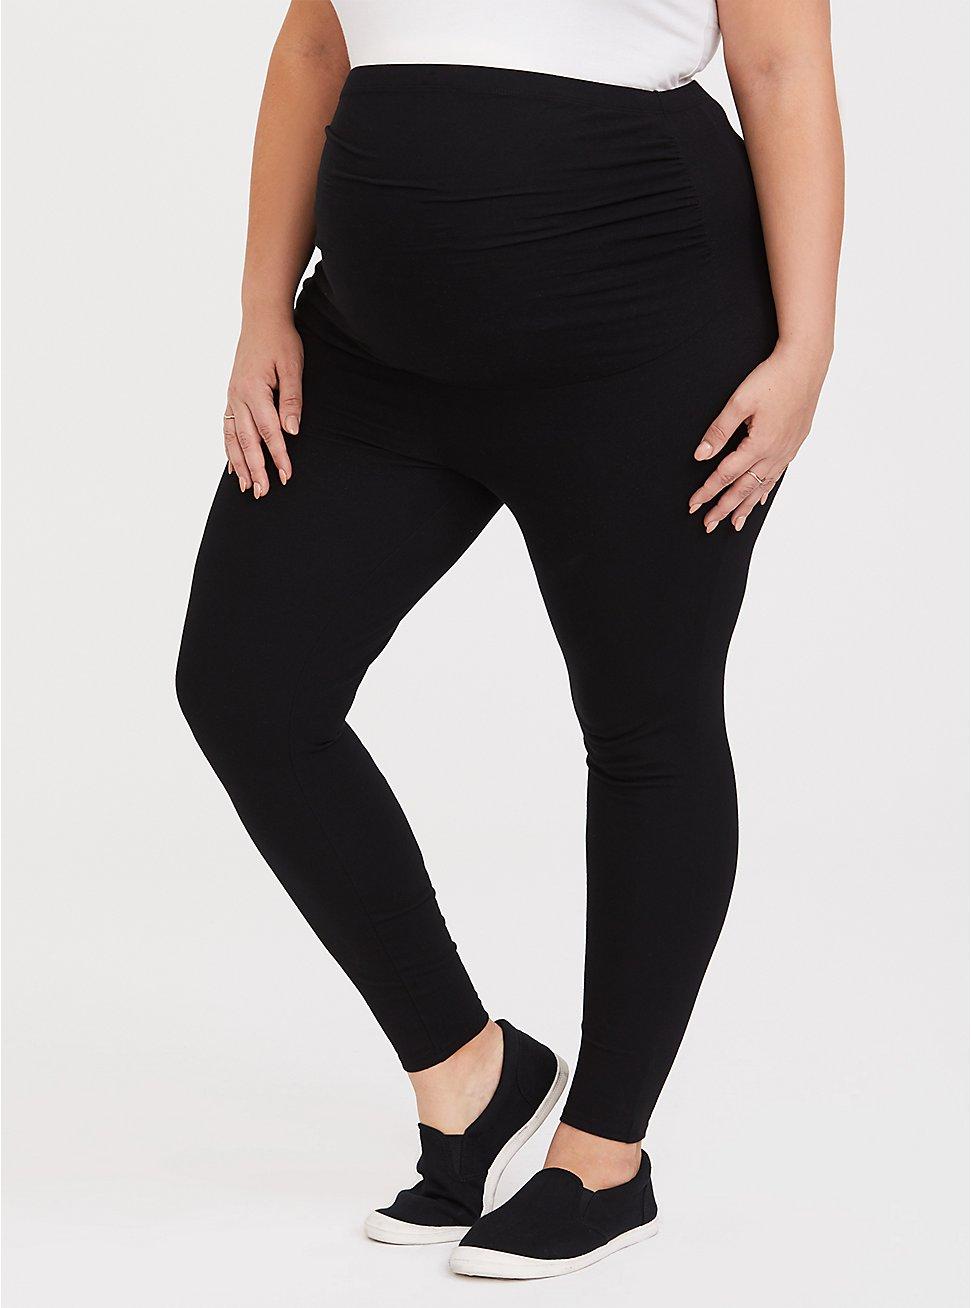 Plus Size Maternity Premium Legging - Black, BLACK, hi-res